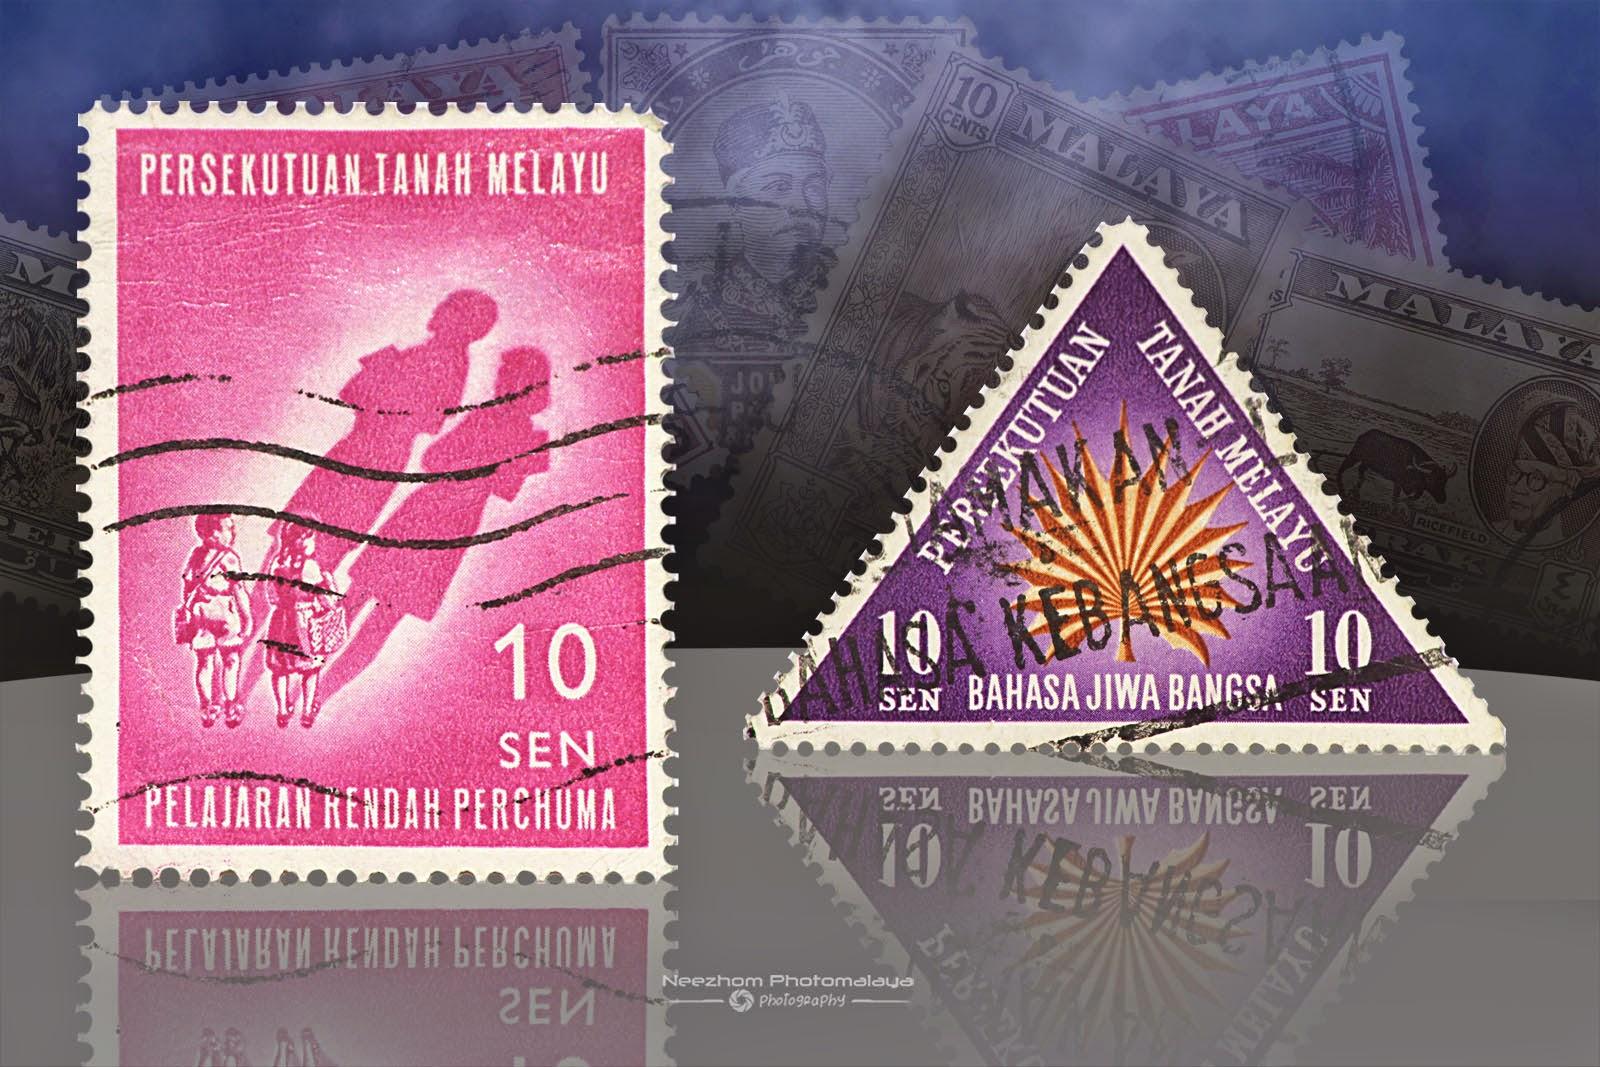 Malaya stamp 10 Sen Pelajaran Rendah Perchuma 1962, 10 Sen Bahasa Jiwa Bangsa 1962